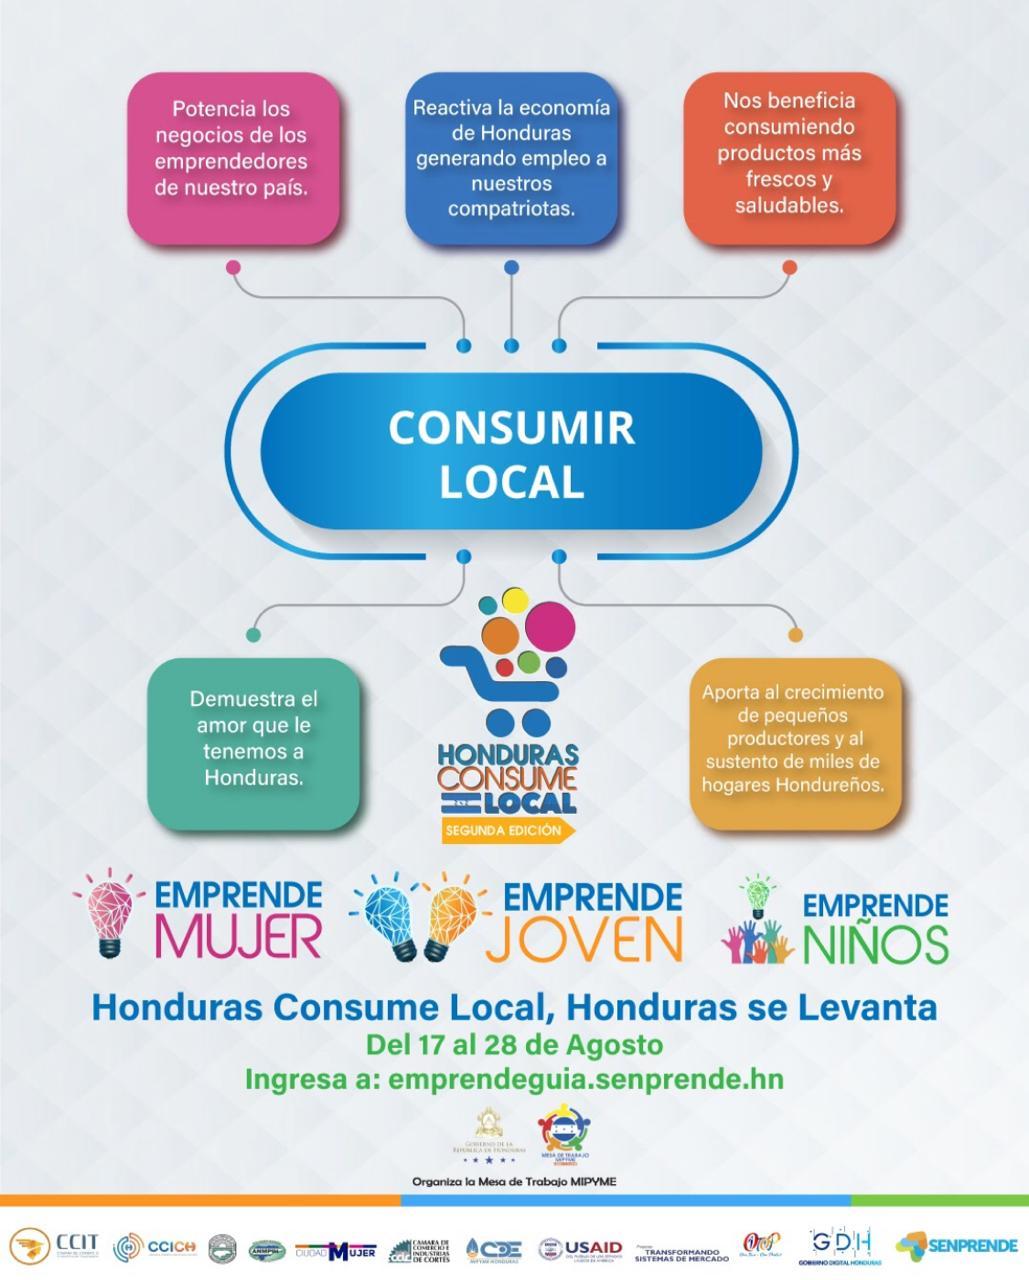 Feria Virtual ¨Honduras Consume Local¨ ayudará a reactivar la economía en el país impactada por la COVID-19